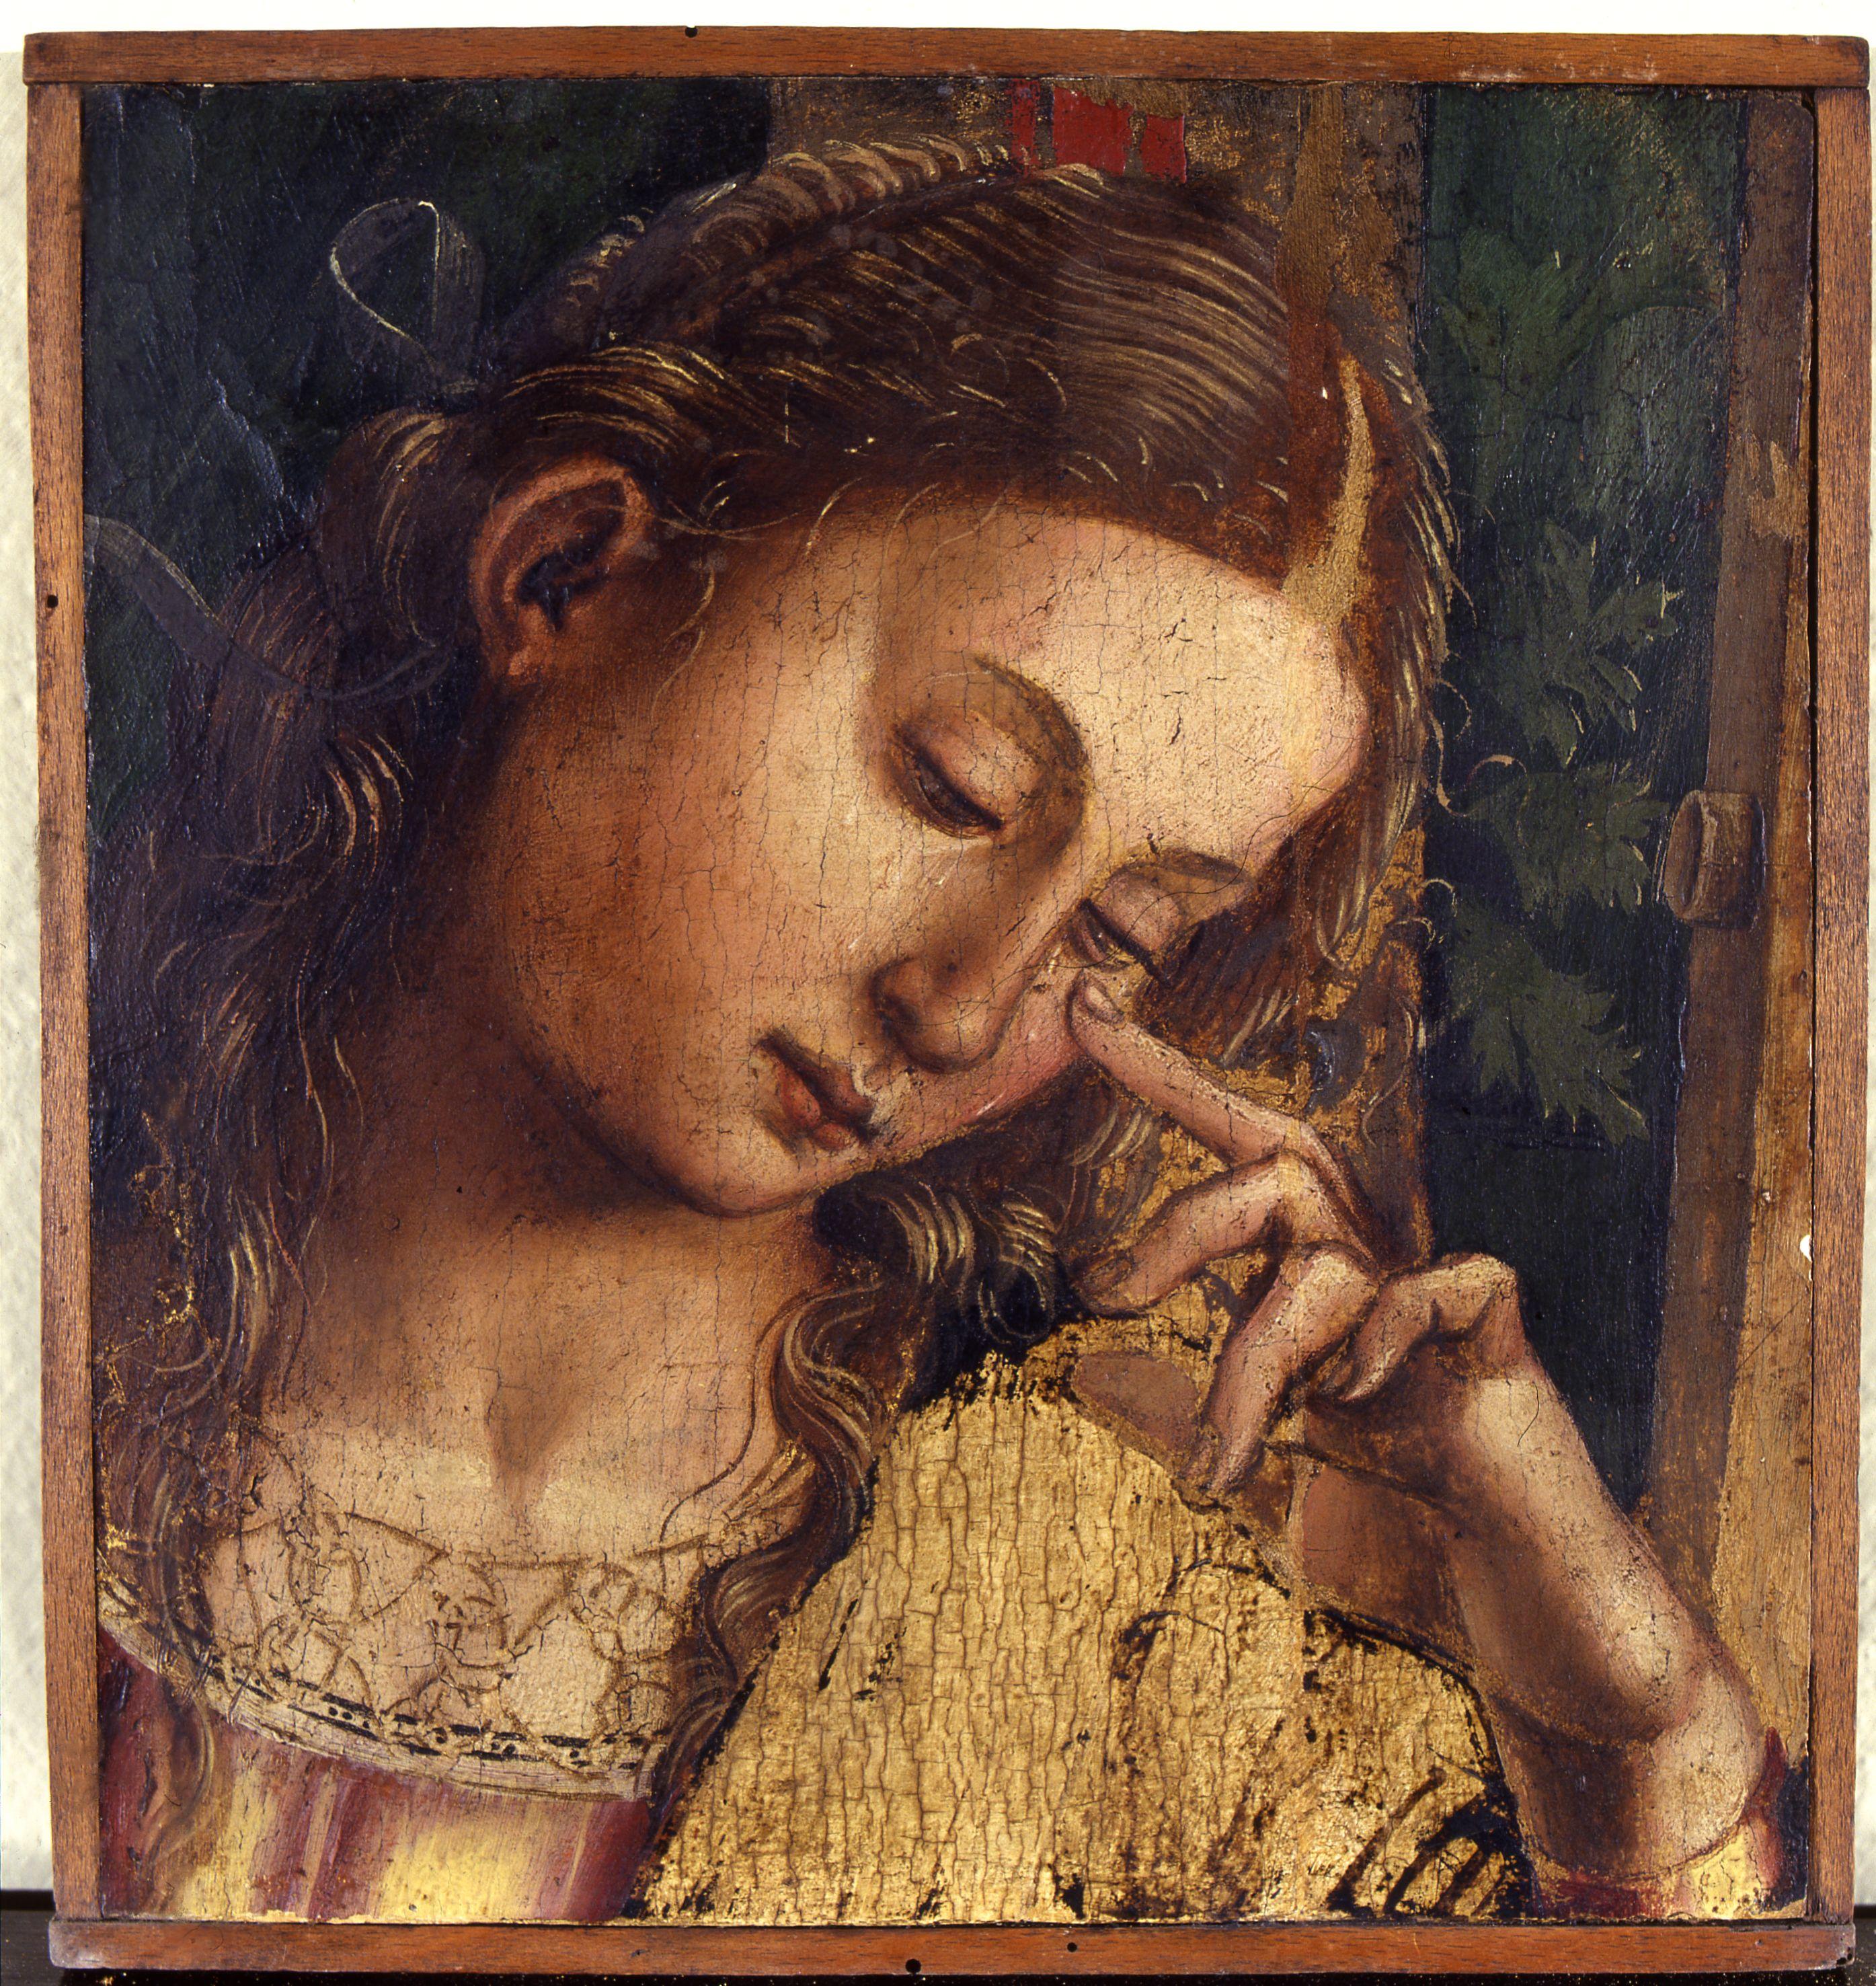 1. Bologna_Musei Civici Arte Antica_P 59_C 127